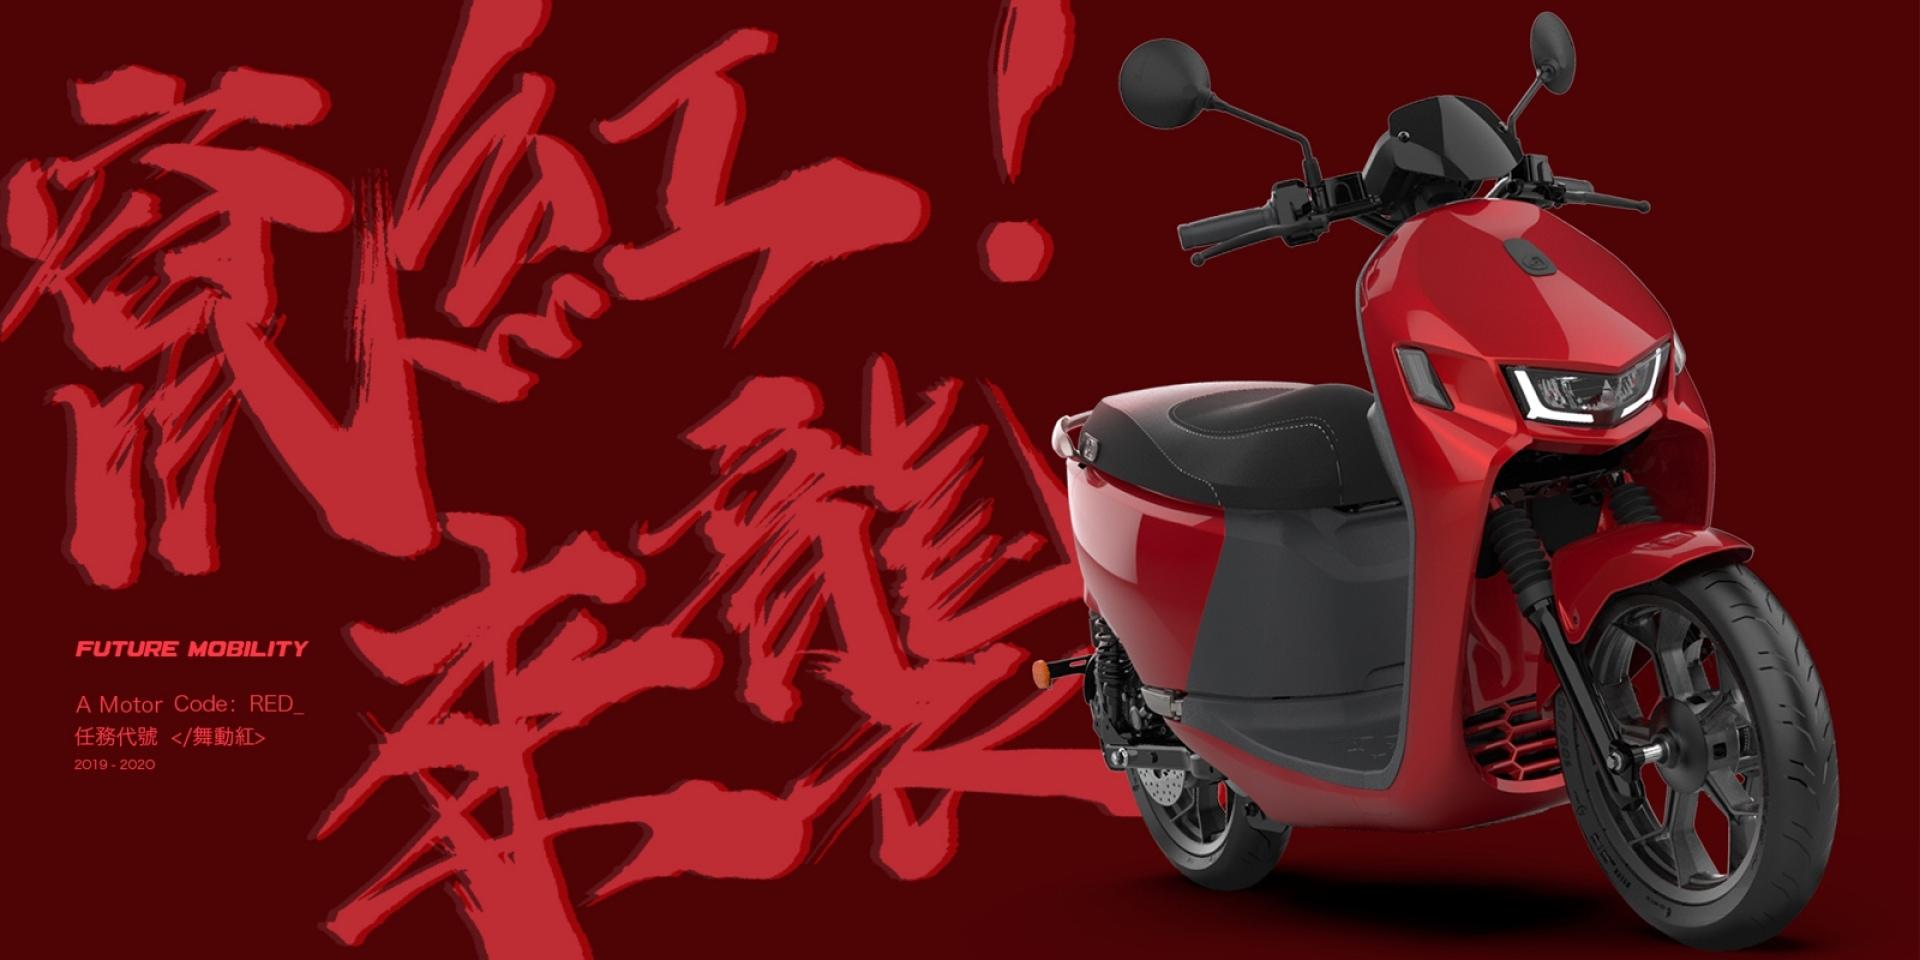 官方新聞稿。竄紅來襲!宏佳騰Ai-1 Sport推出限量「舞動紅」新車色